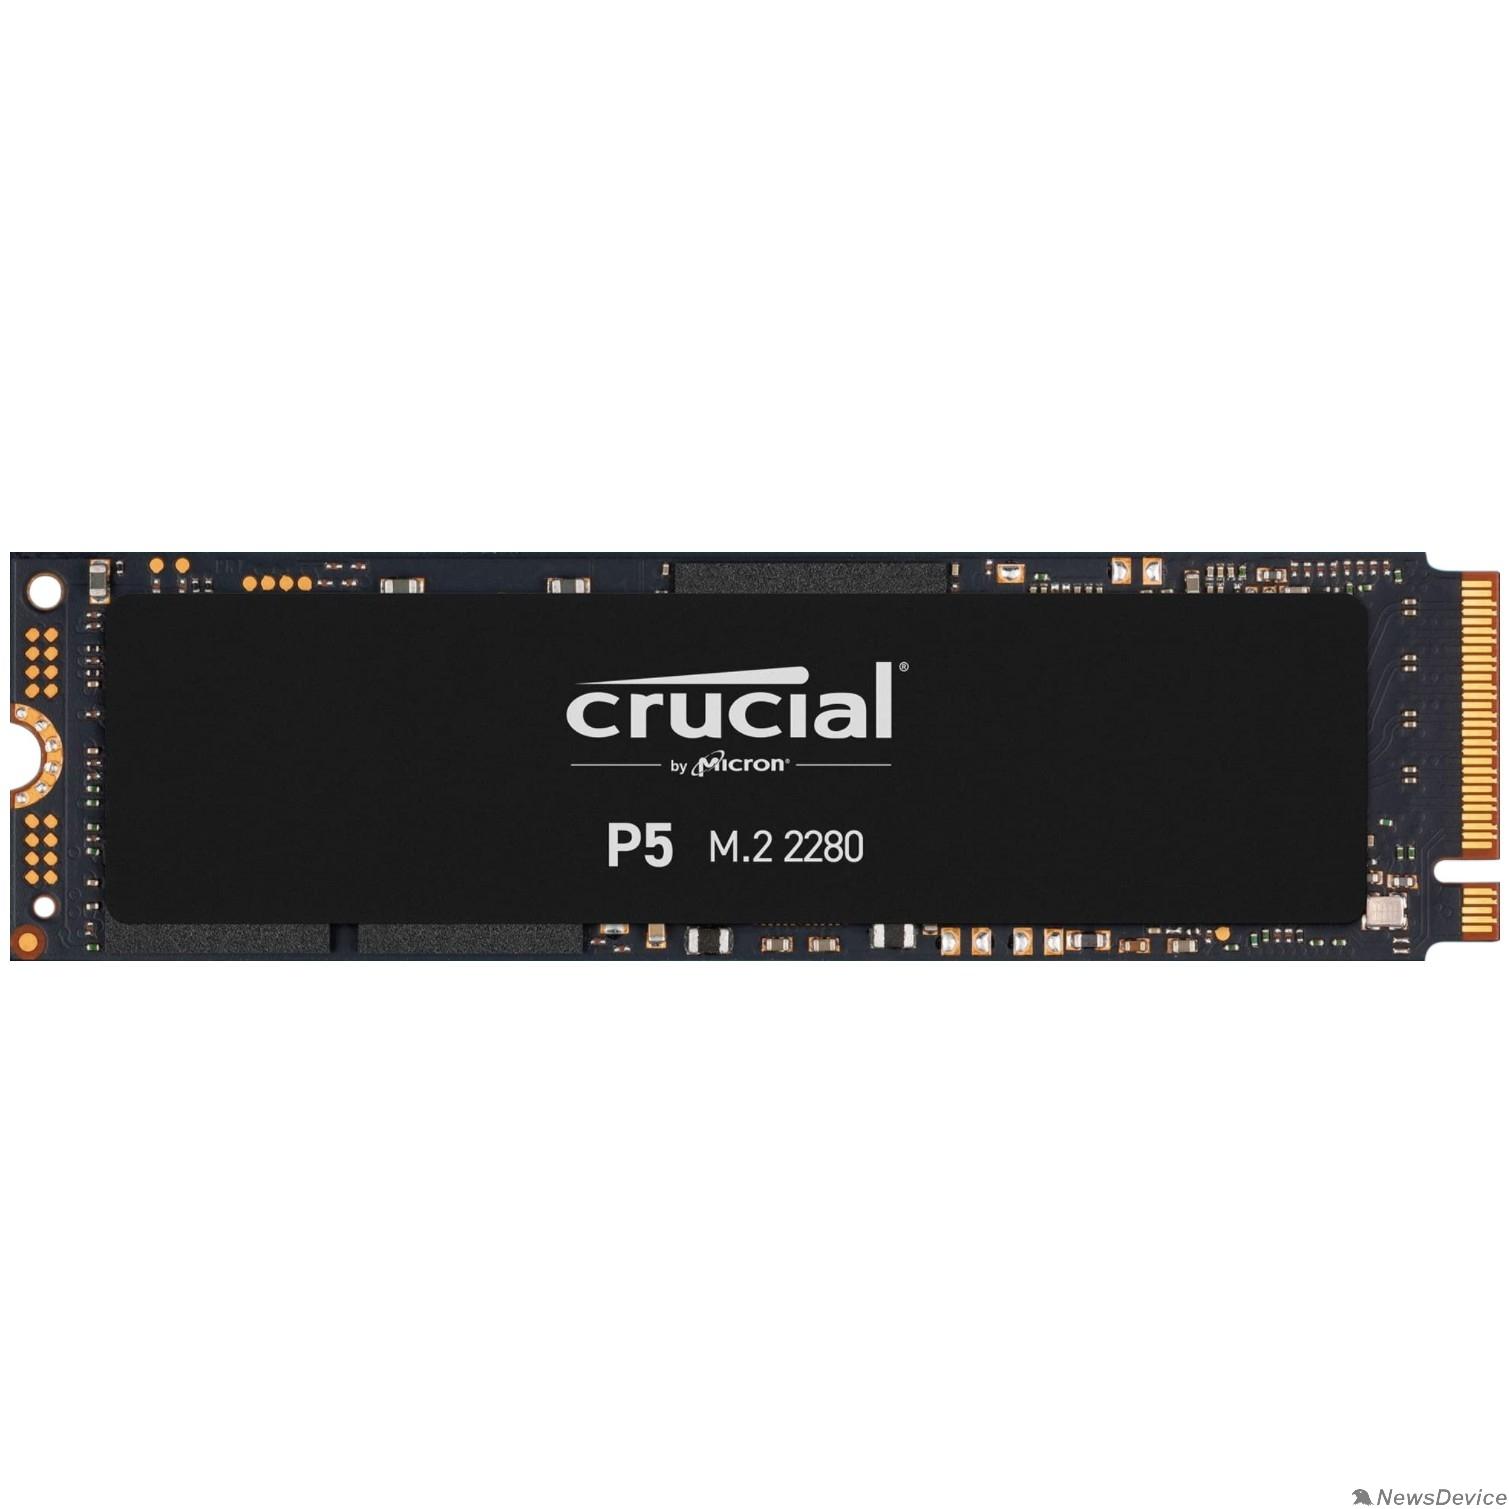 накопитель Crucial SSD 250GB P5 M.2 NVMe PCIEx4 80mm Micron 3D NAND  3400/1400 MB/s, CT250P5SSD8